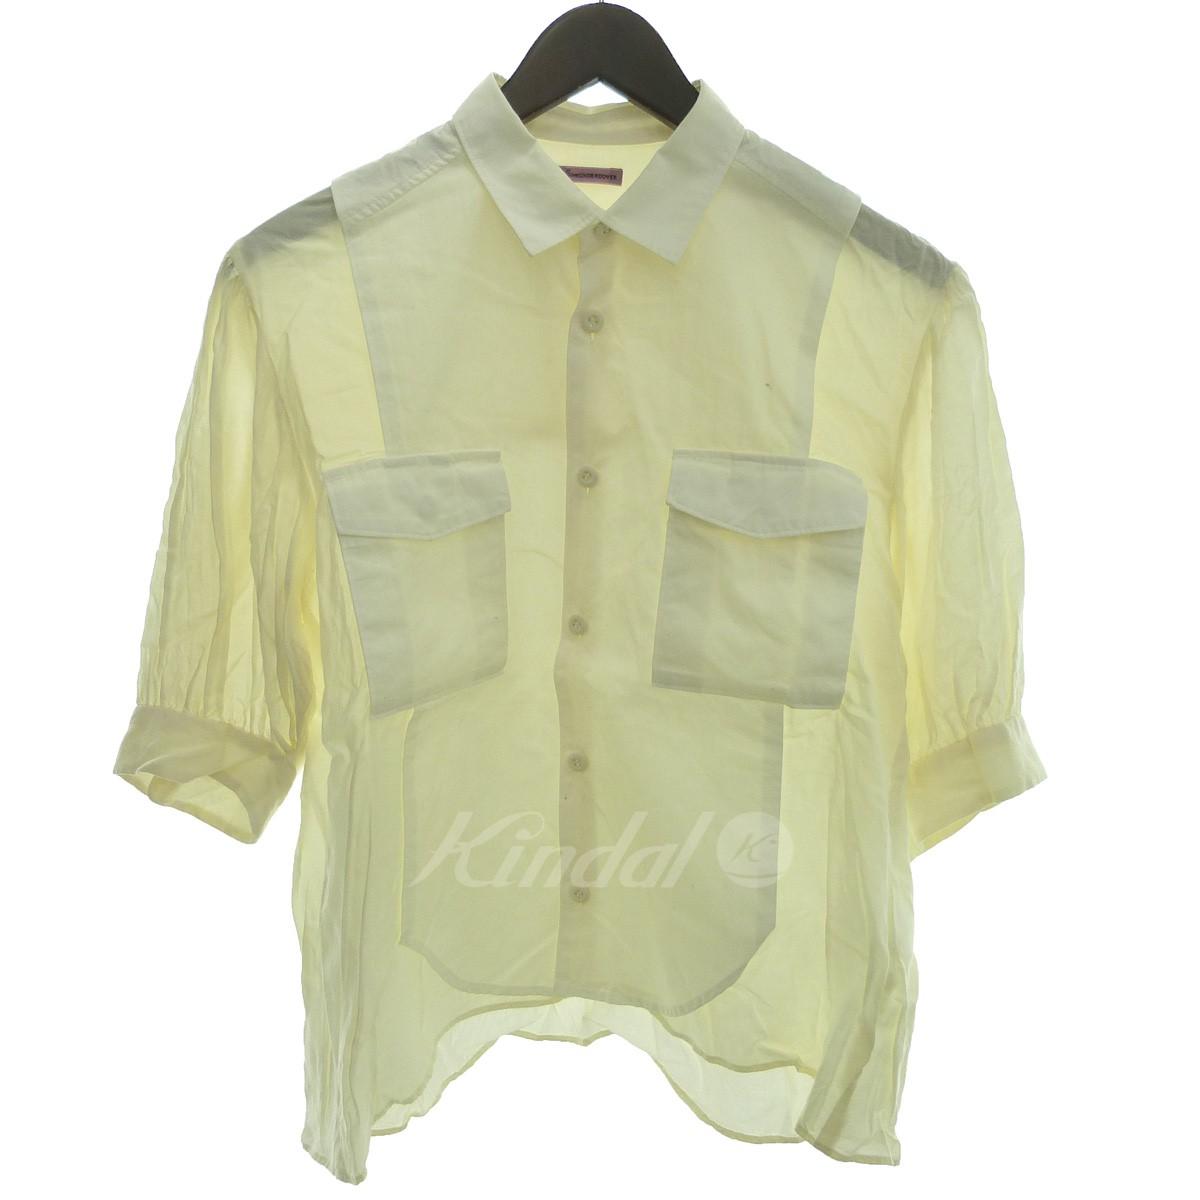 【5月6日 お値段見直しました】【中古】SueUNDERCOVER'17SS ARMYドッキングシャツ ホワイト×アイボリー サイズ:1